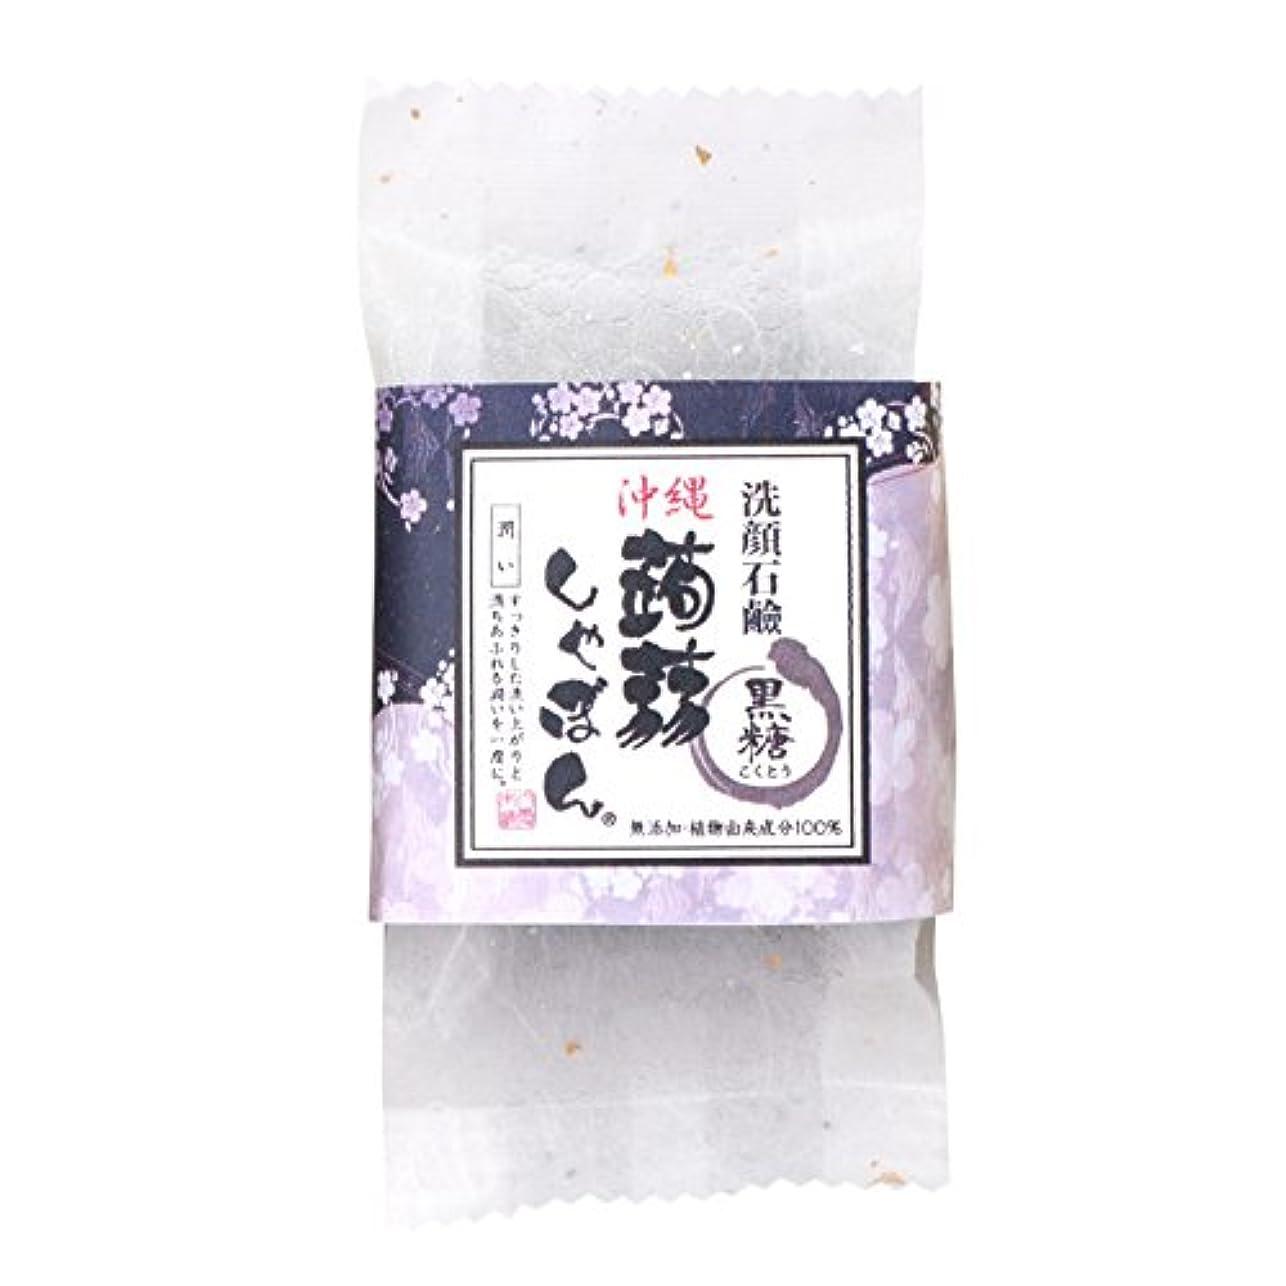 細い病的フォーク蒟蒻しゃぼん沖縄 黒糖(こくとう)